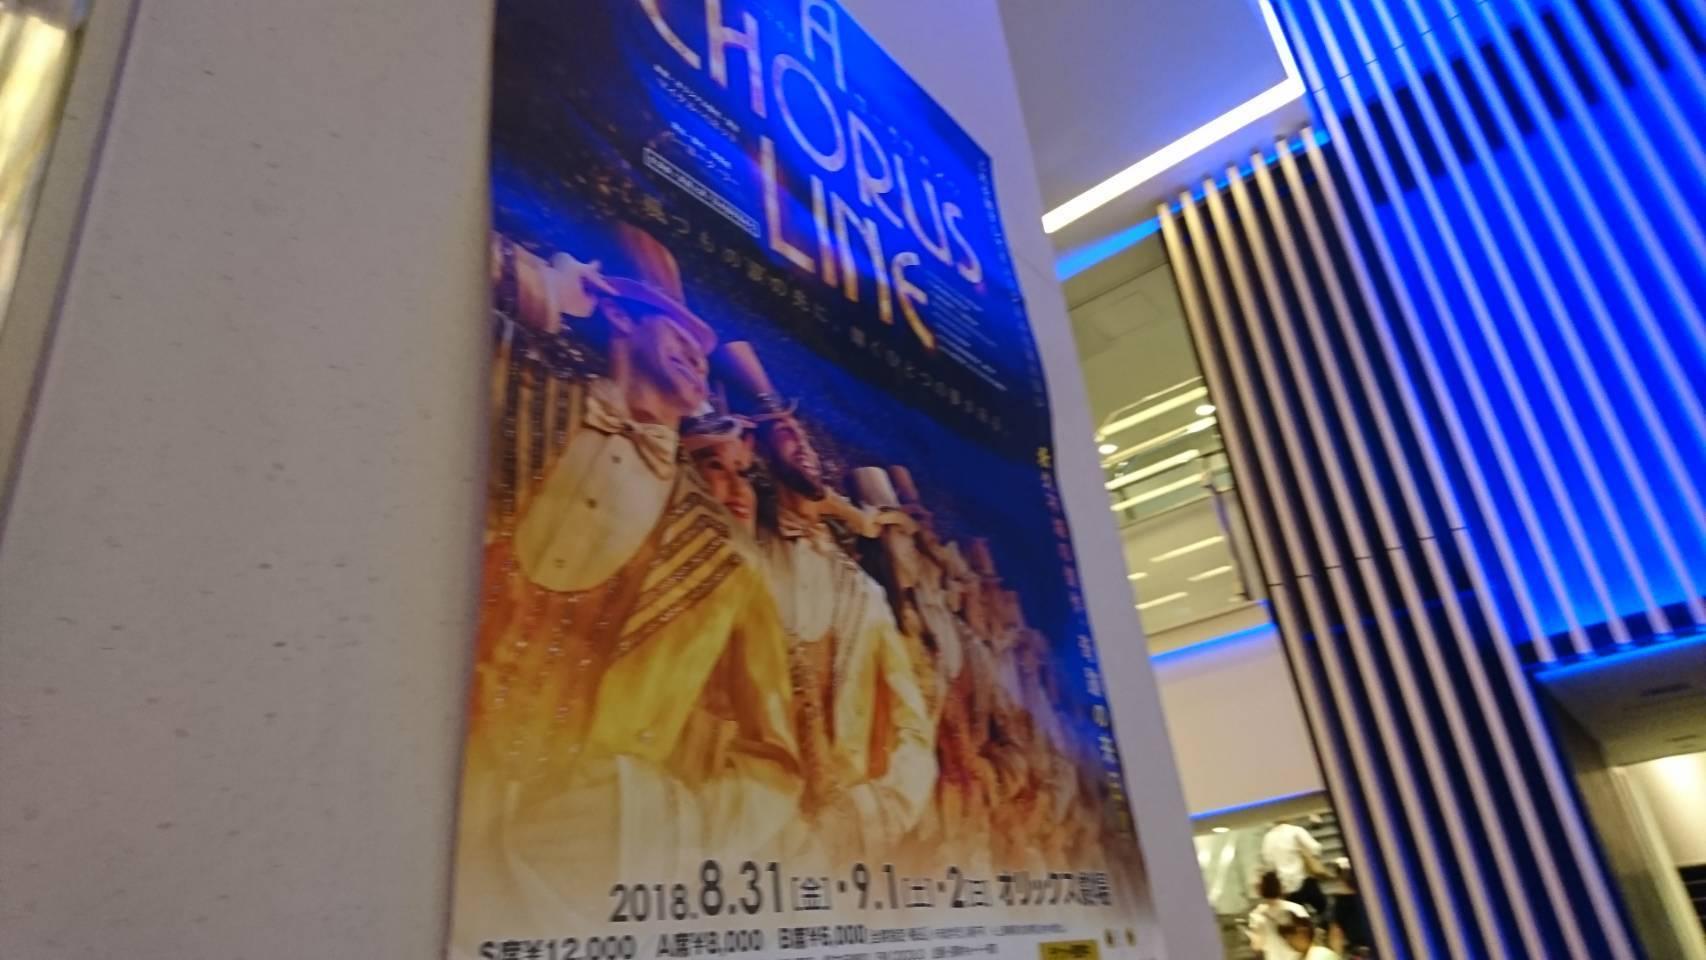 コーラスライン@大阪オリックス劇場_a0221584_16470862.jpg